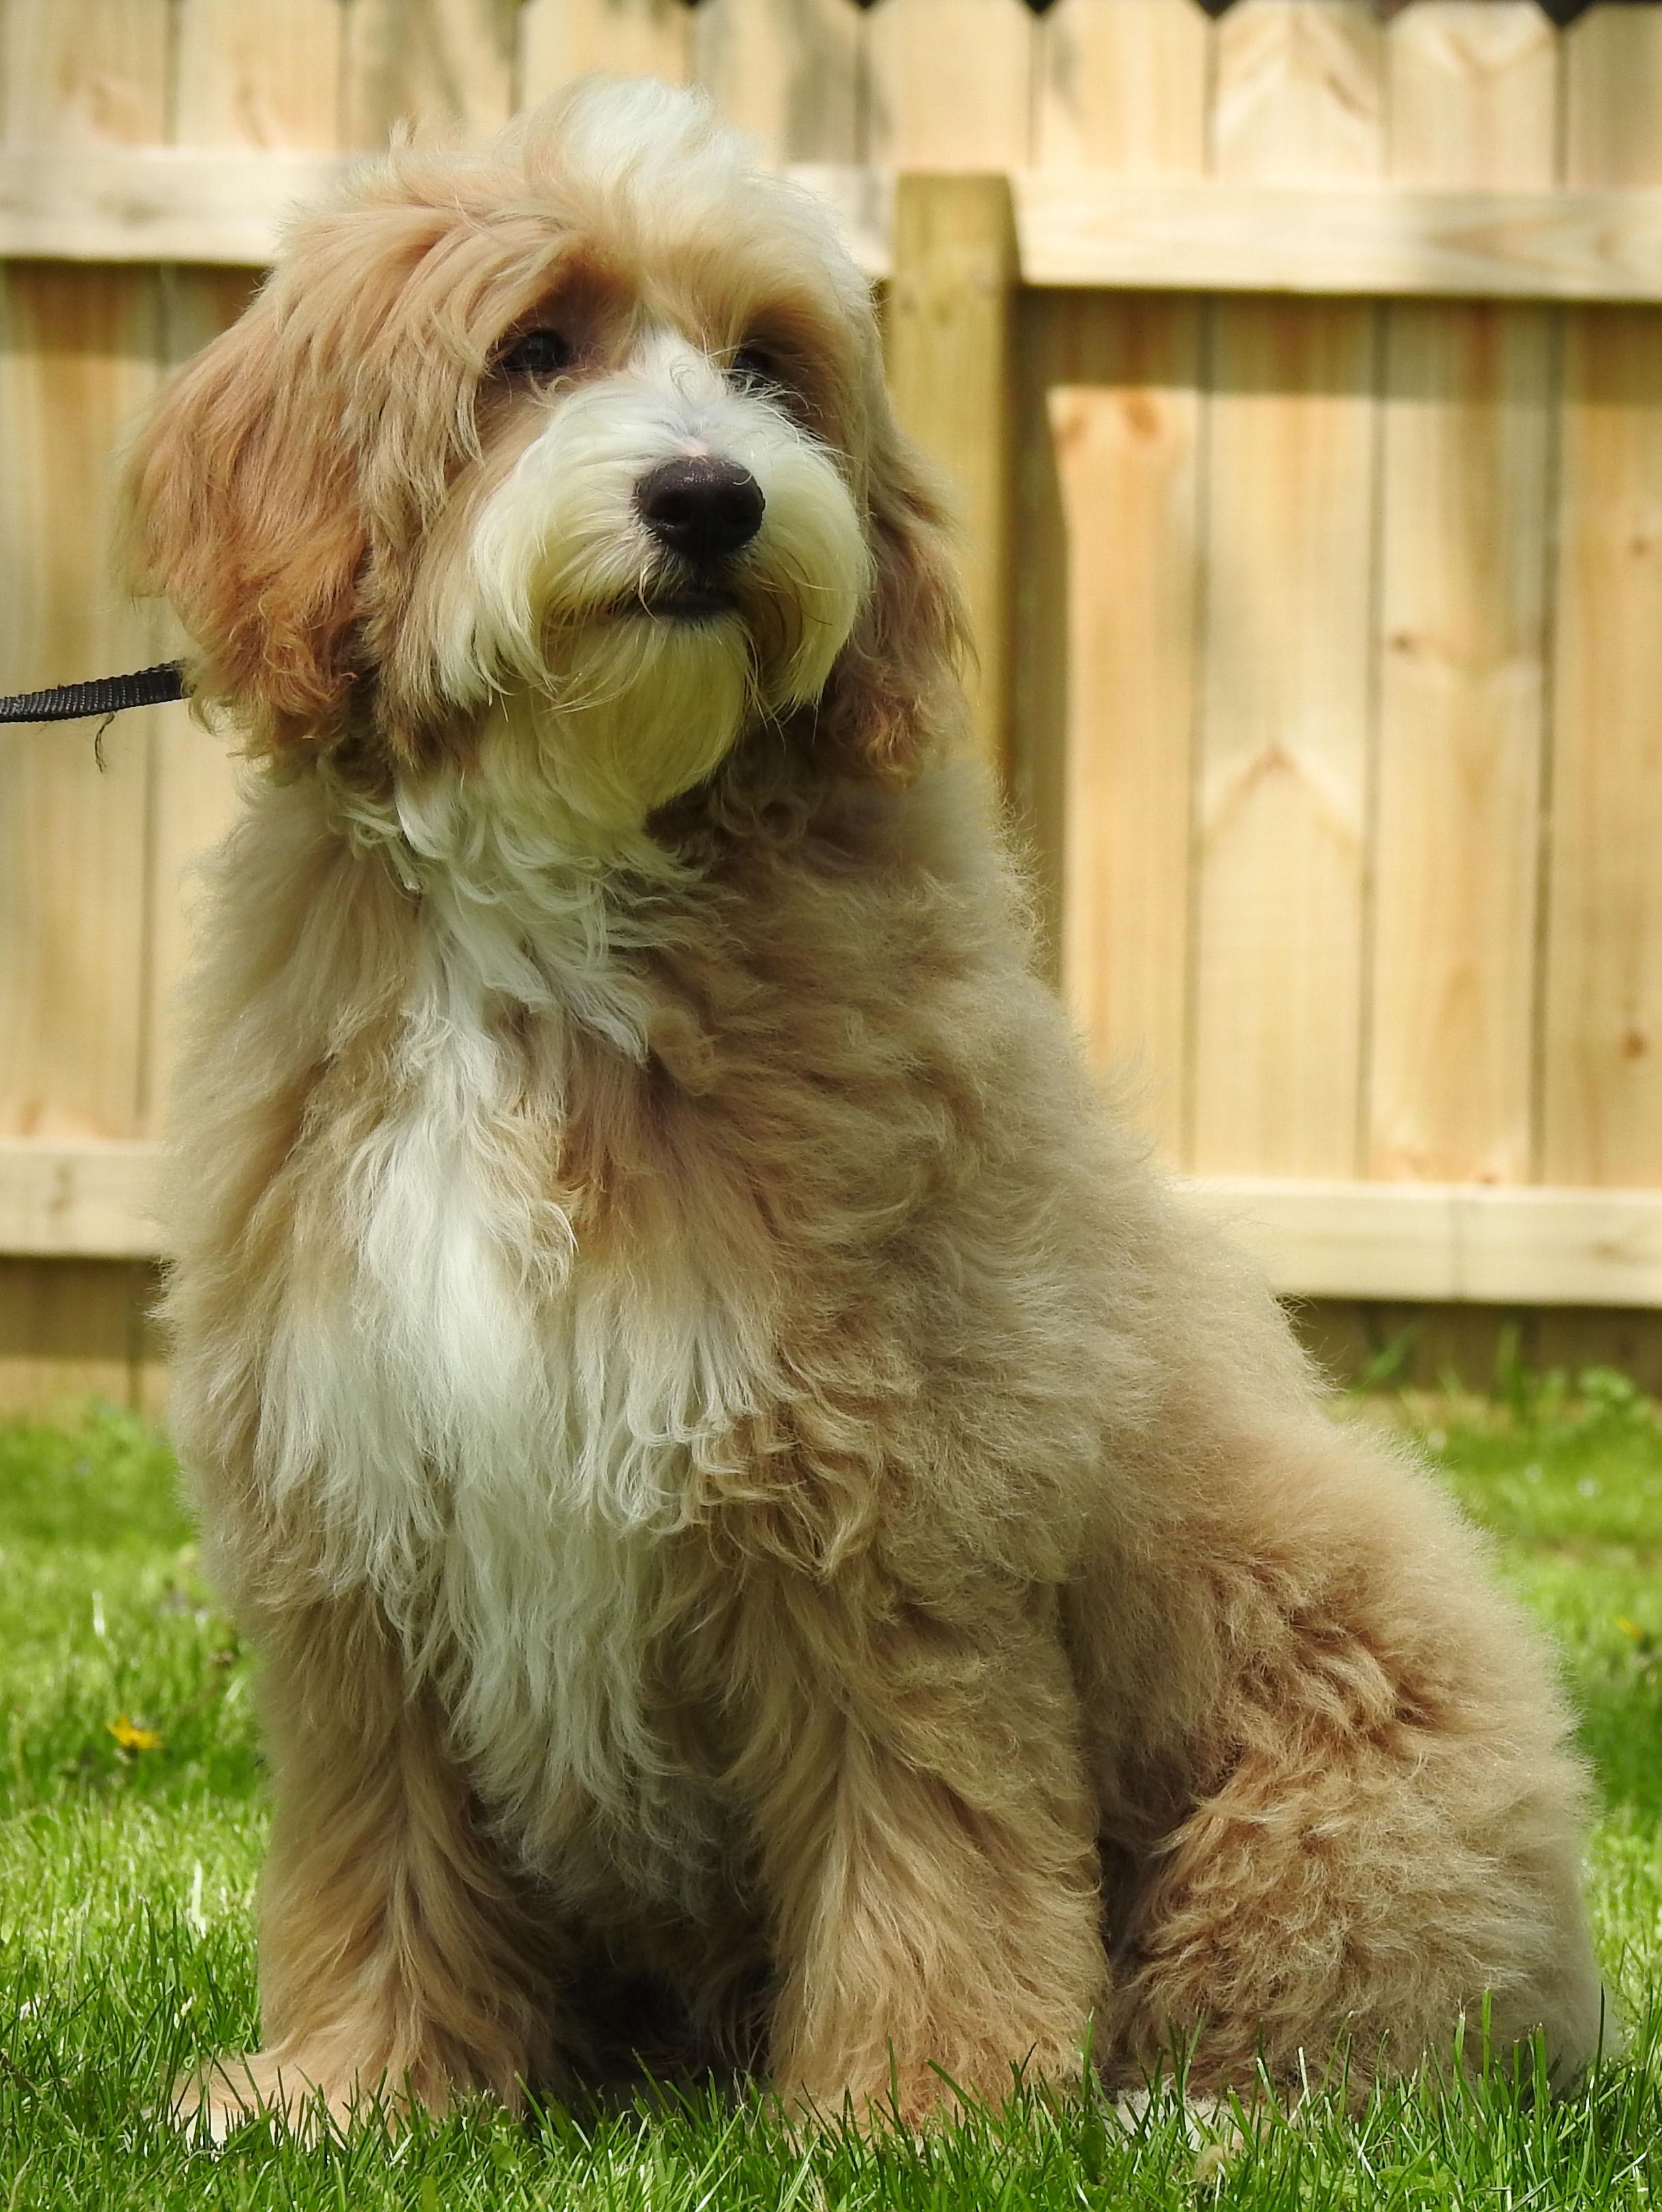 Goldendoodles Keepsake Goldendoodles And Poodles Ohio Usa